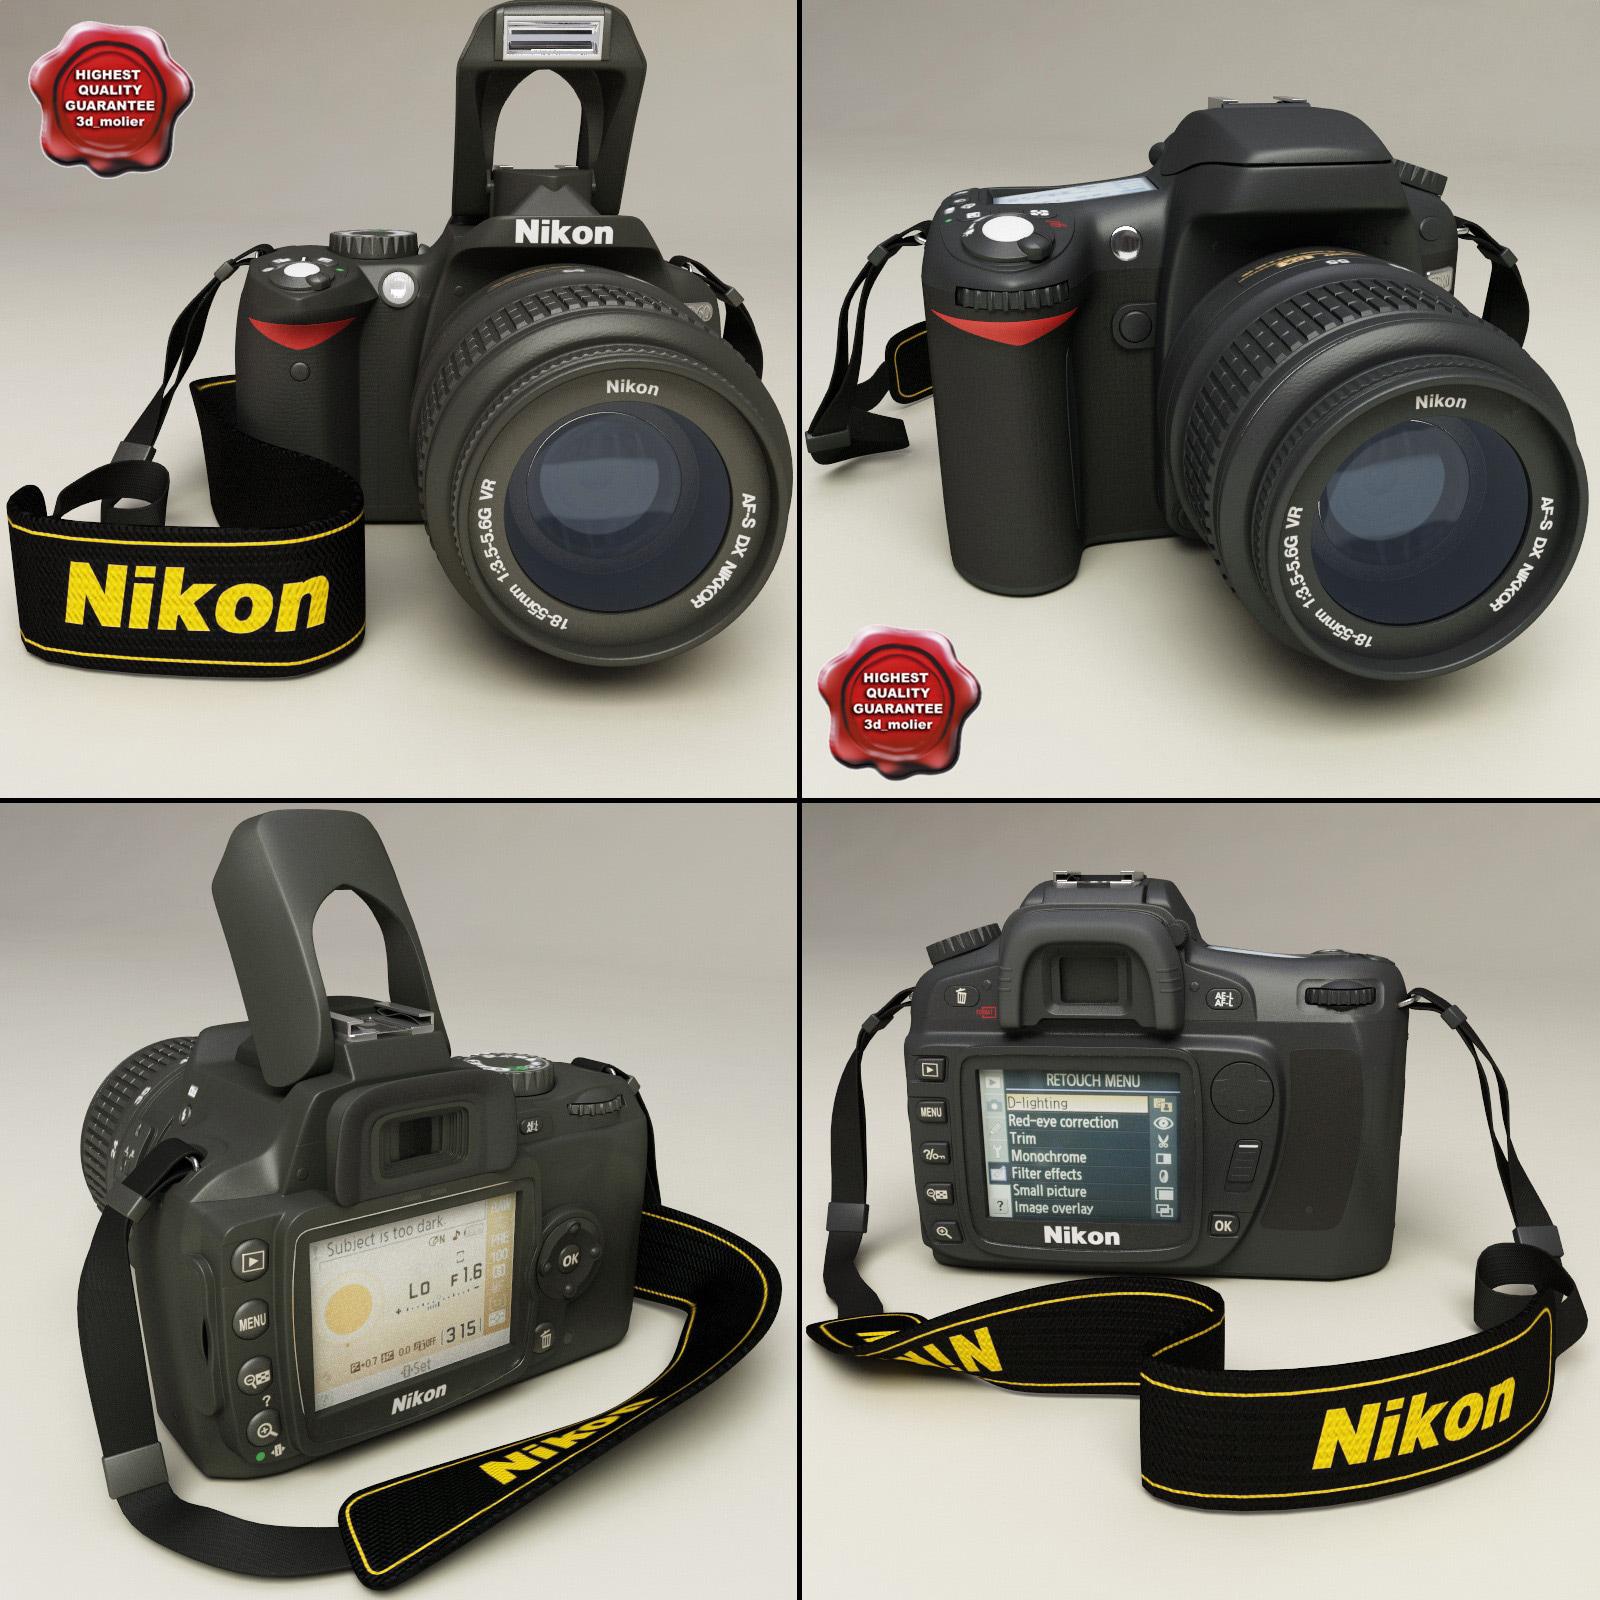 Nikon_D60_and_Nikon_D80_00.jpg